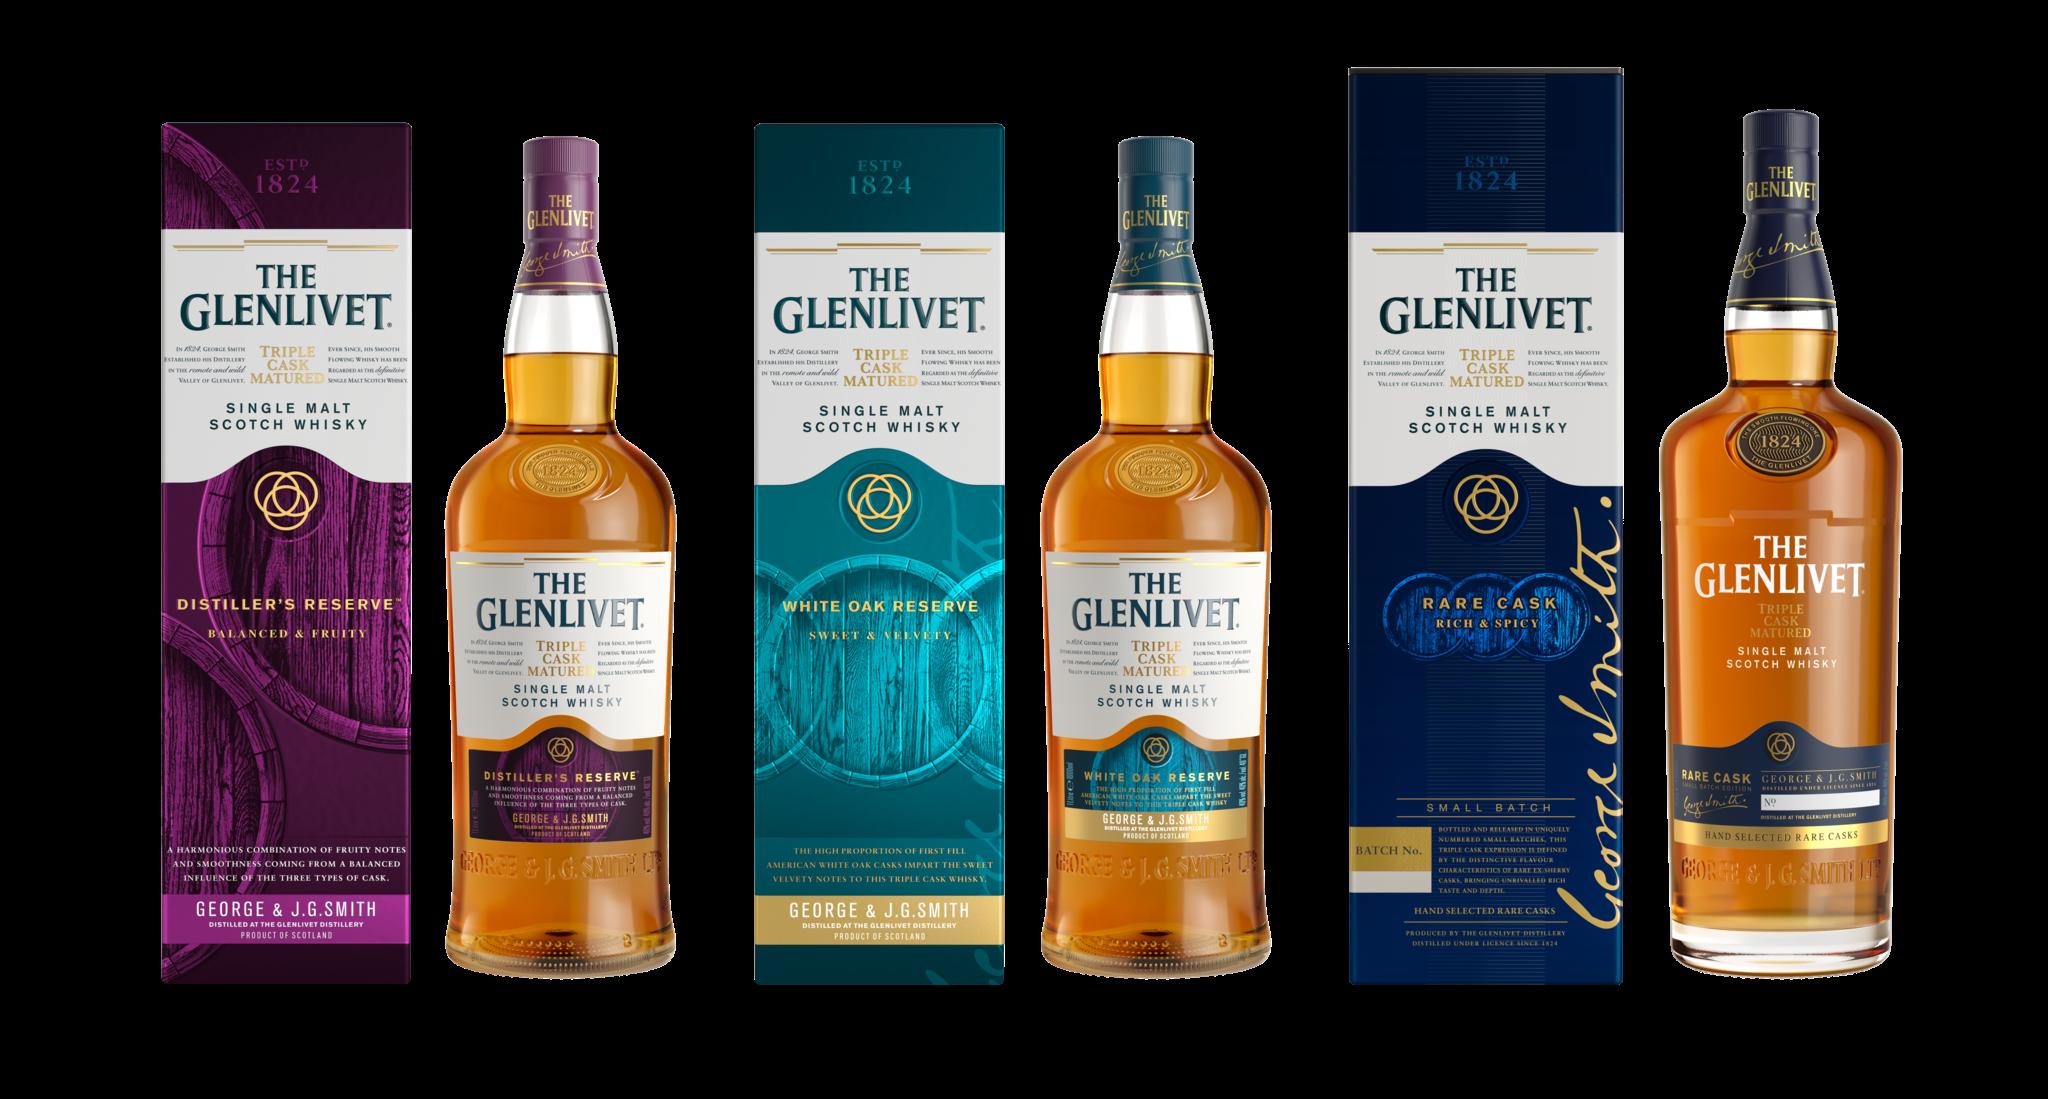 The Glenlivet Triple Cask Seriesduty-free whiskies